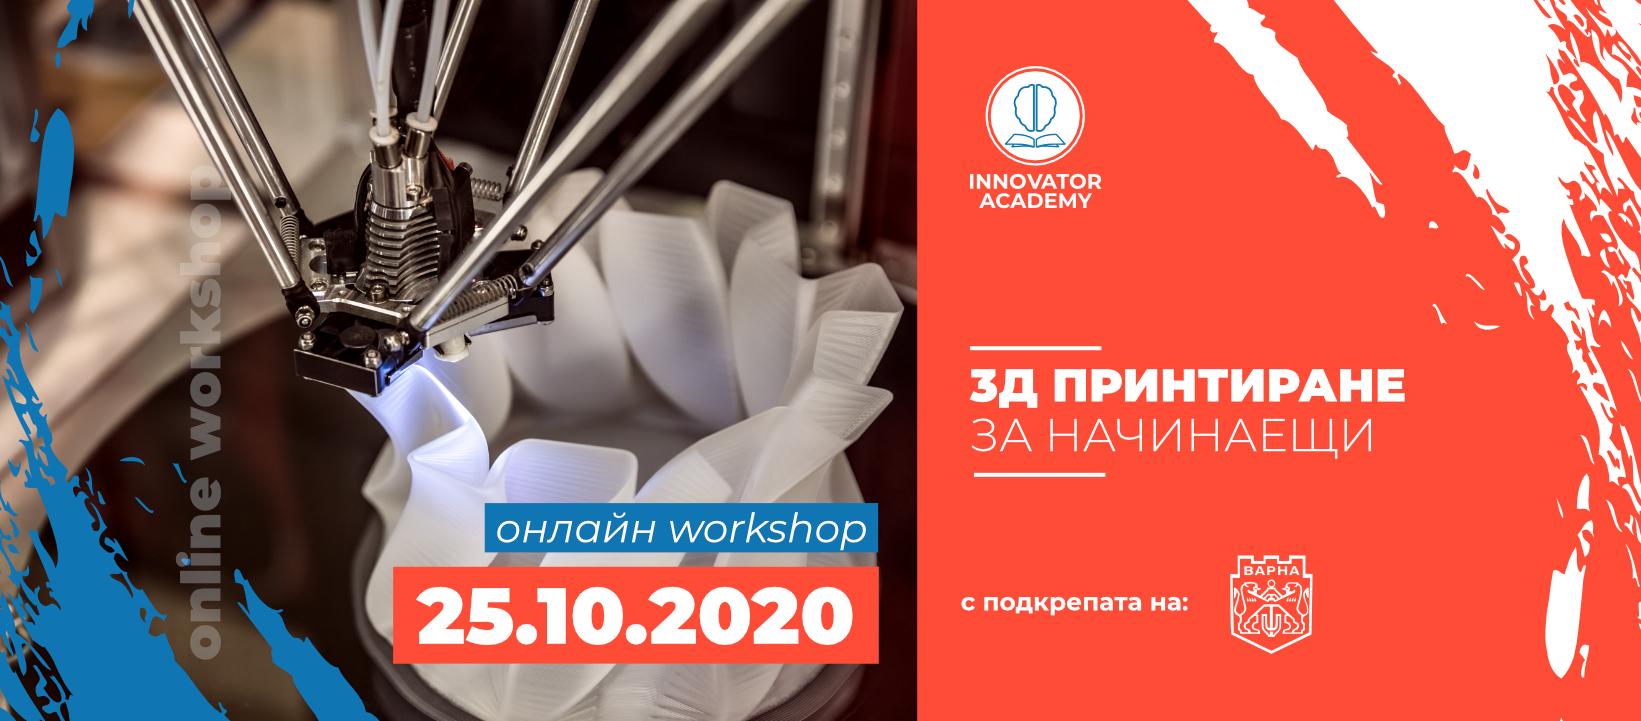 3D принтиране за начинаещи | Workshop 1 | Innovator Coworking Space